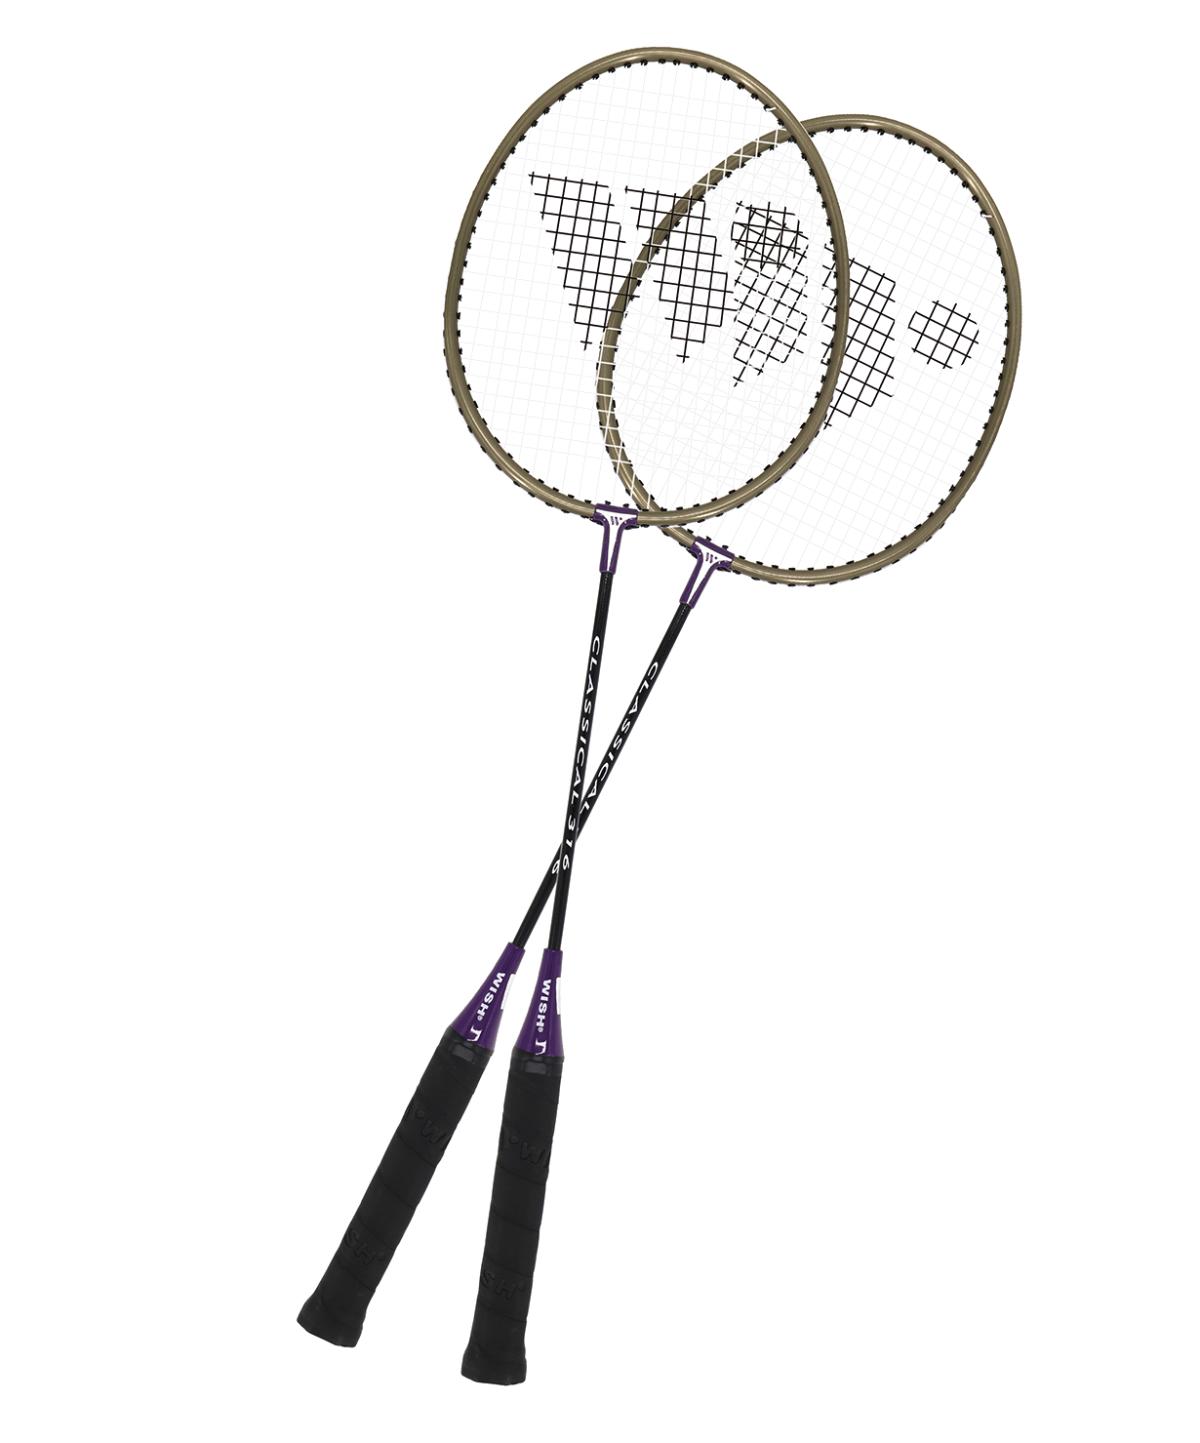 WISH Classic Набор для бадминтона   316: фиолетовый - 2